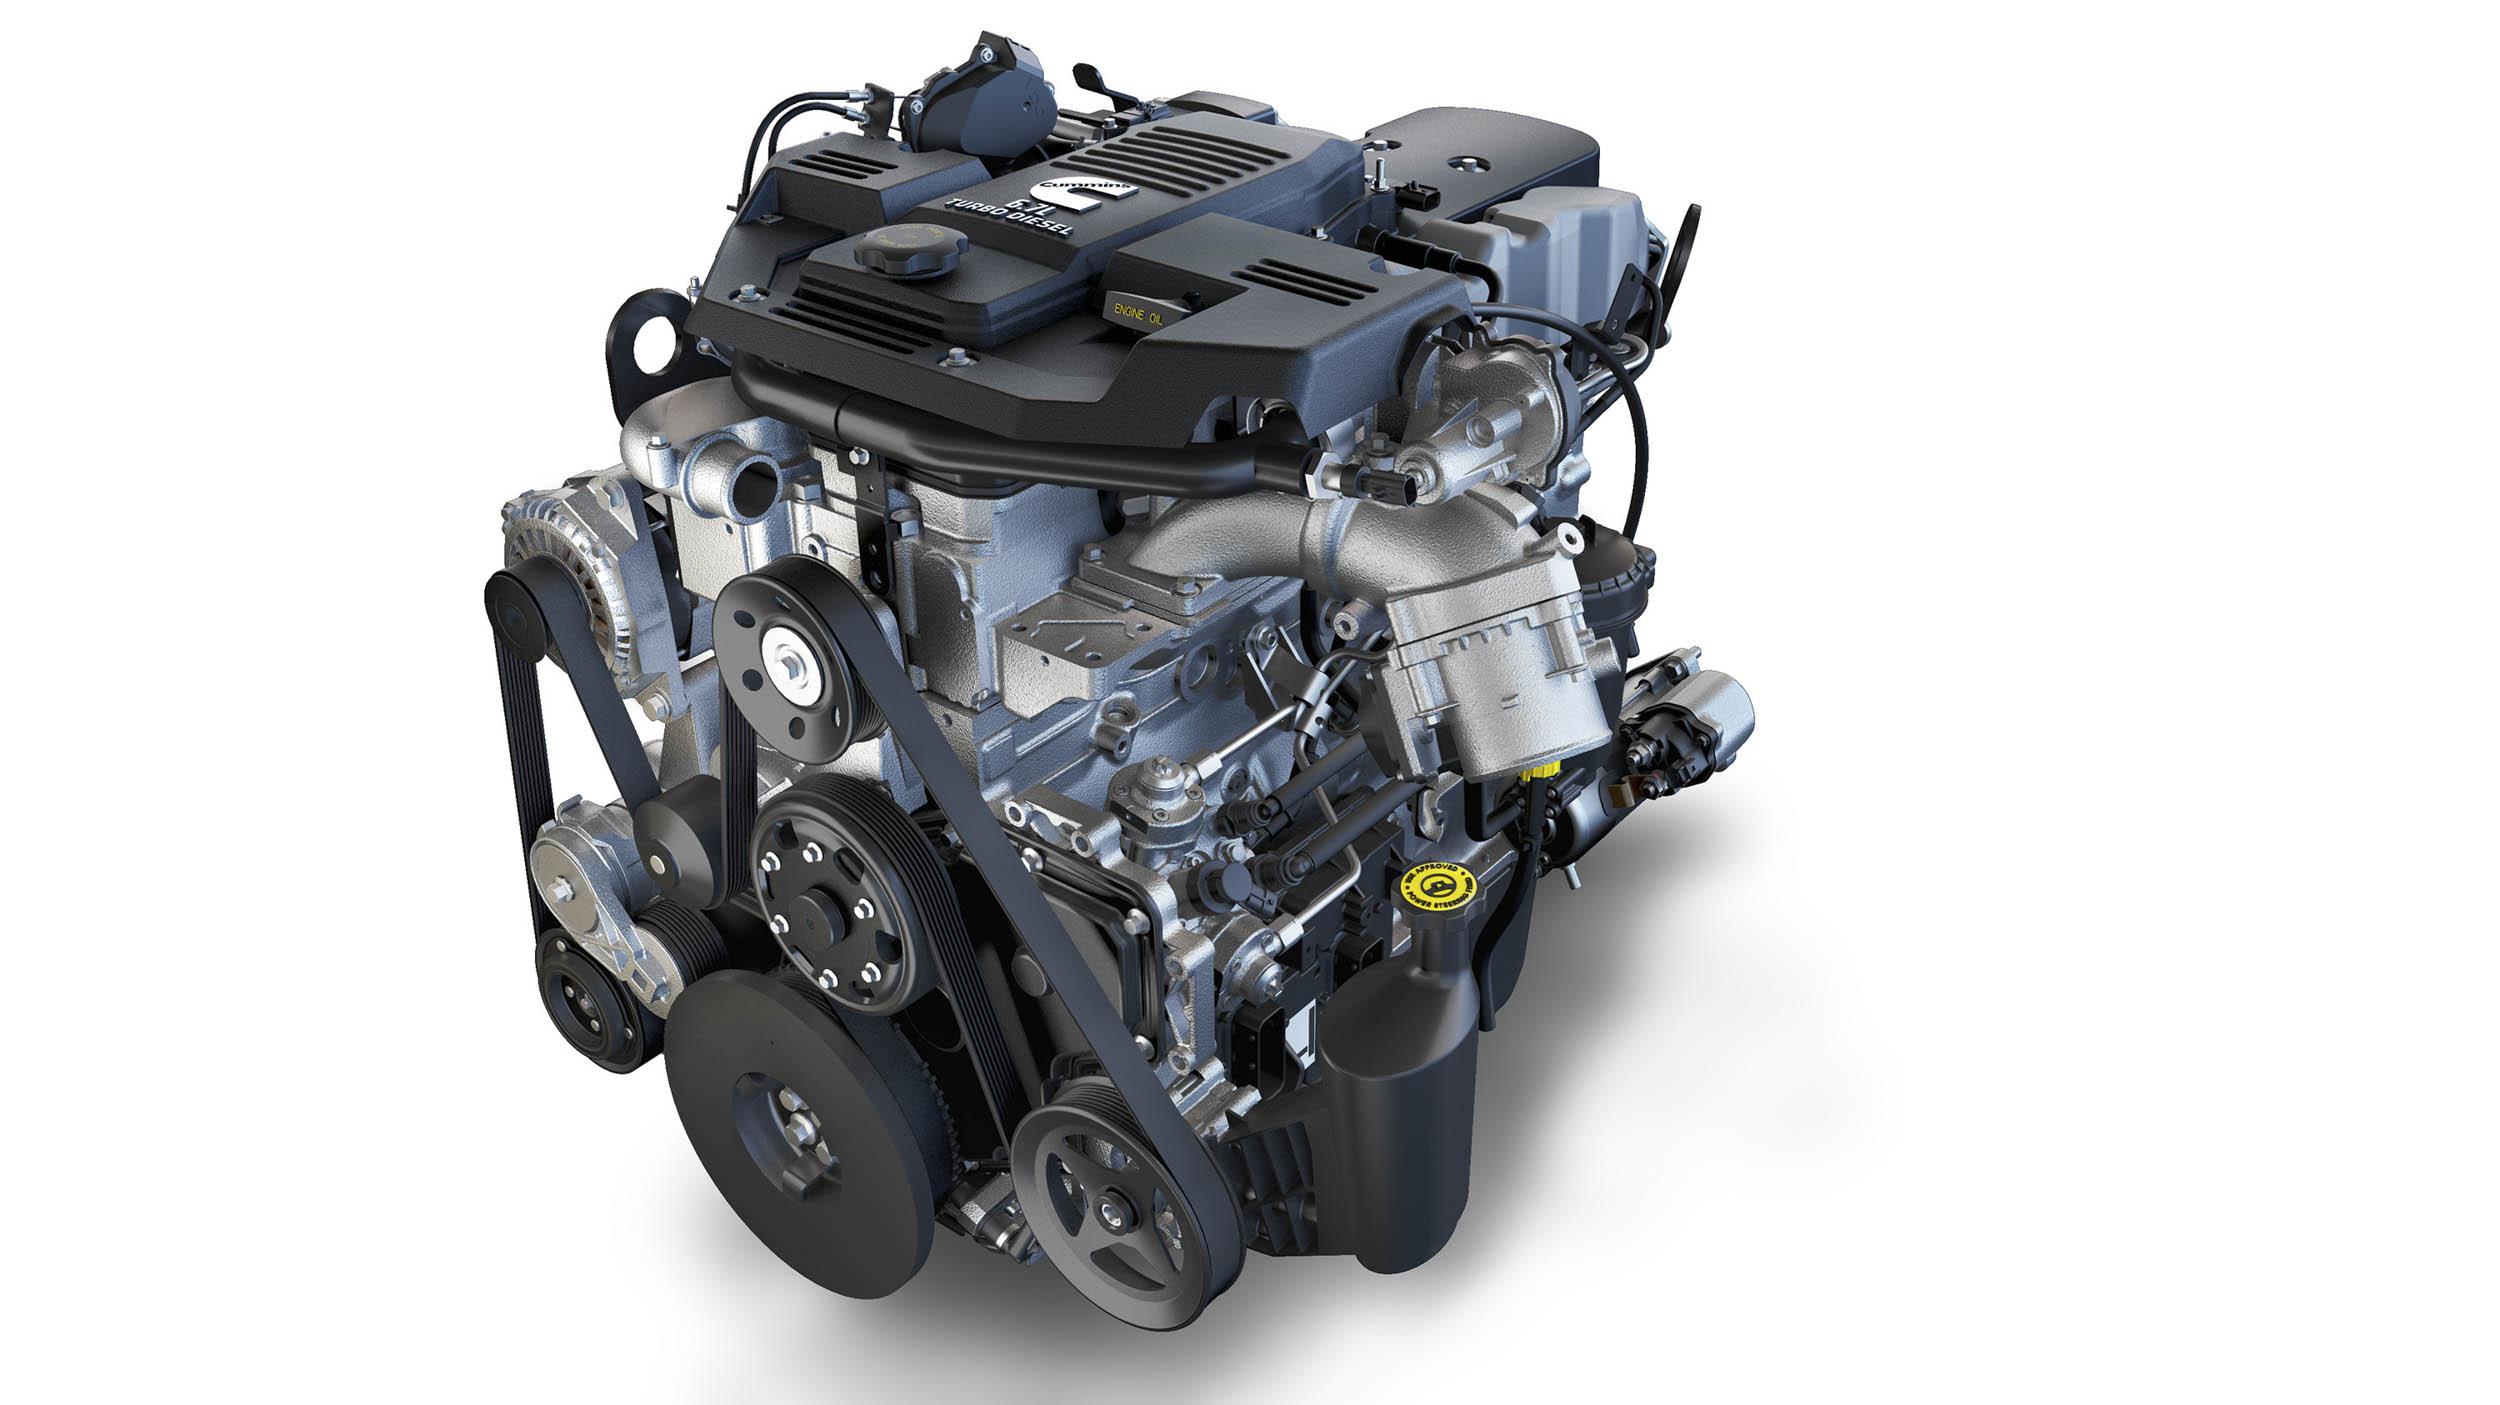 RAM 6.7L Turbo Diesel